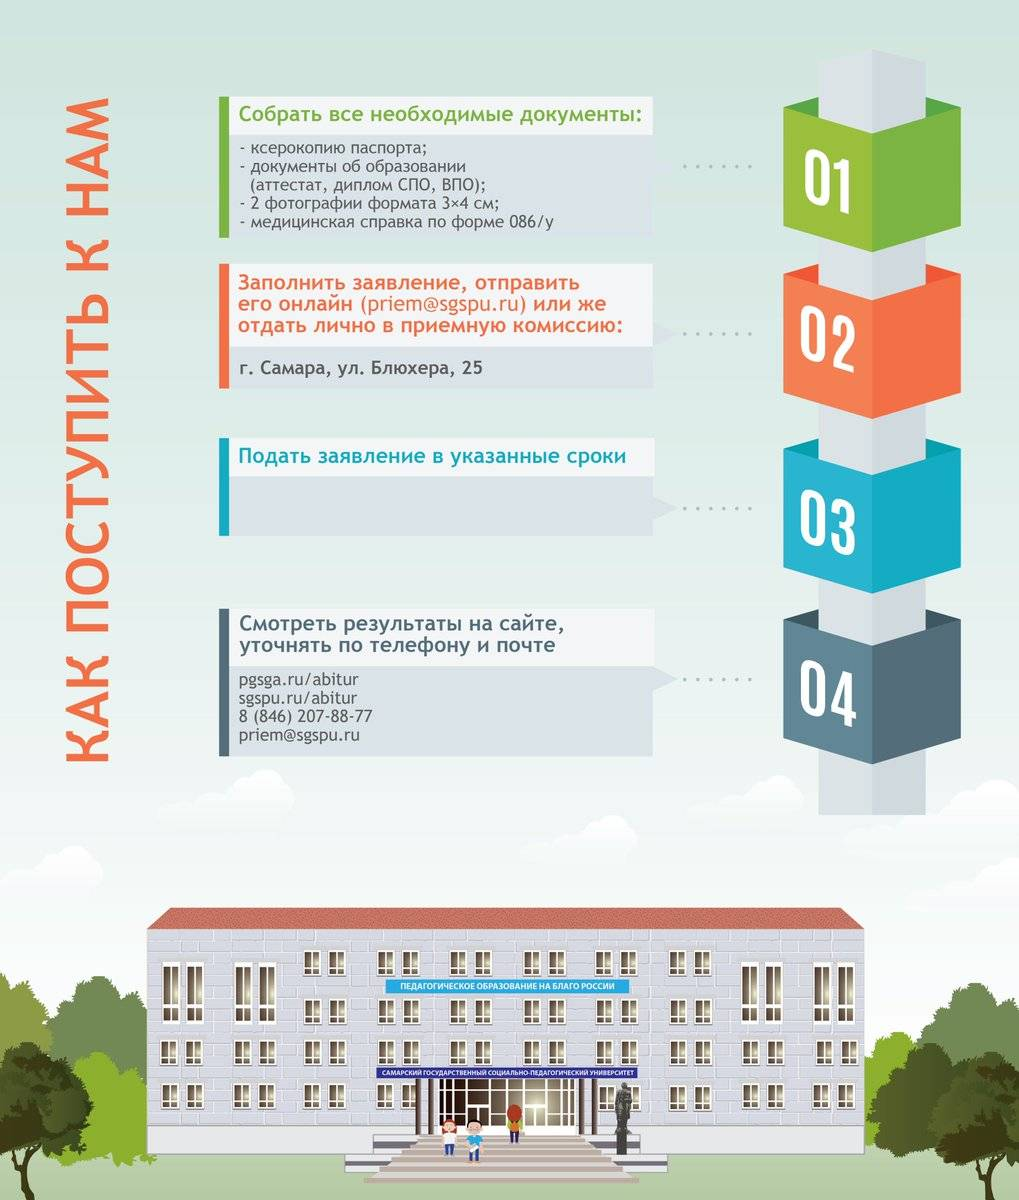 Образование в финляндии в 2021 году: учеба для русских